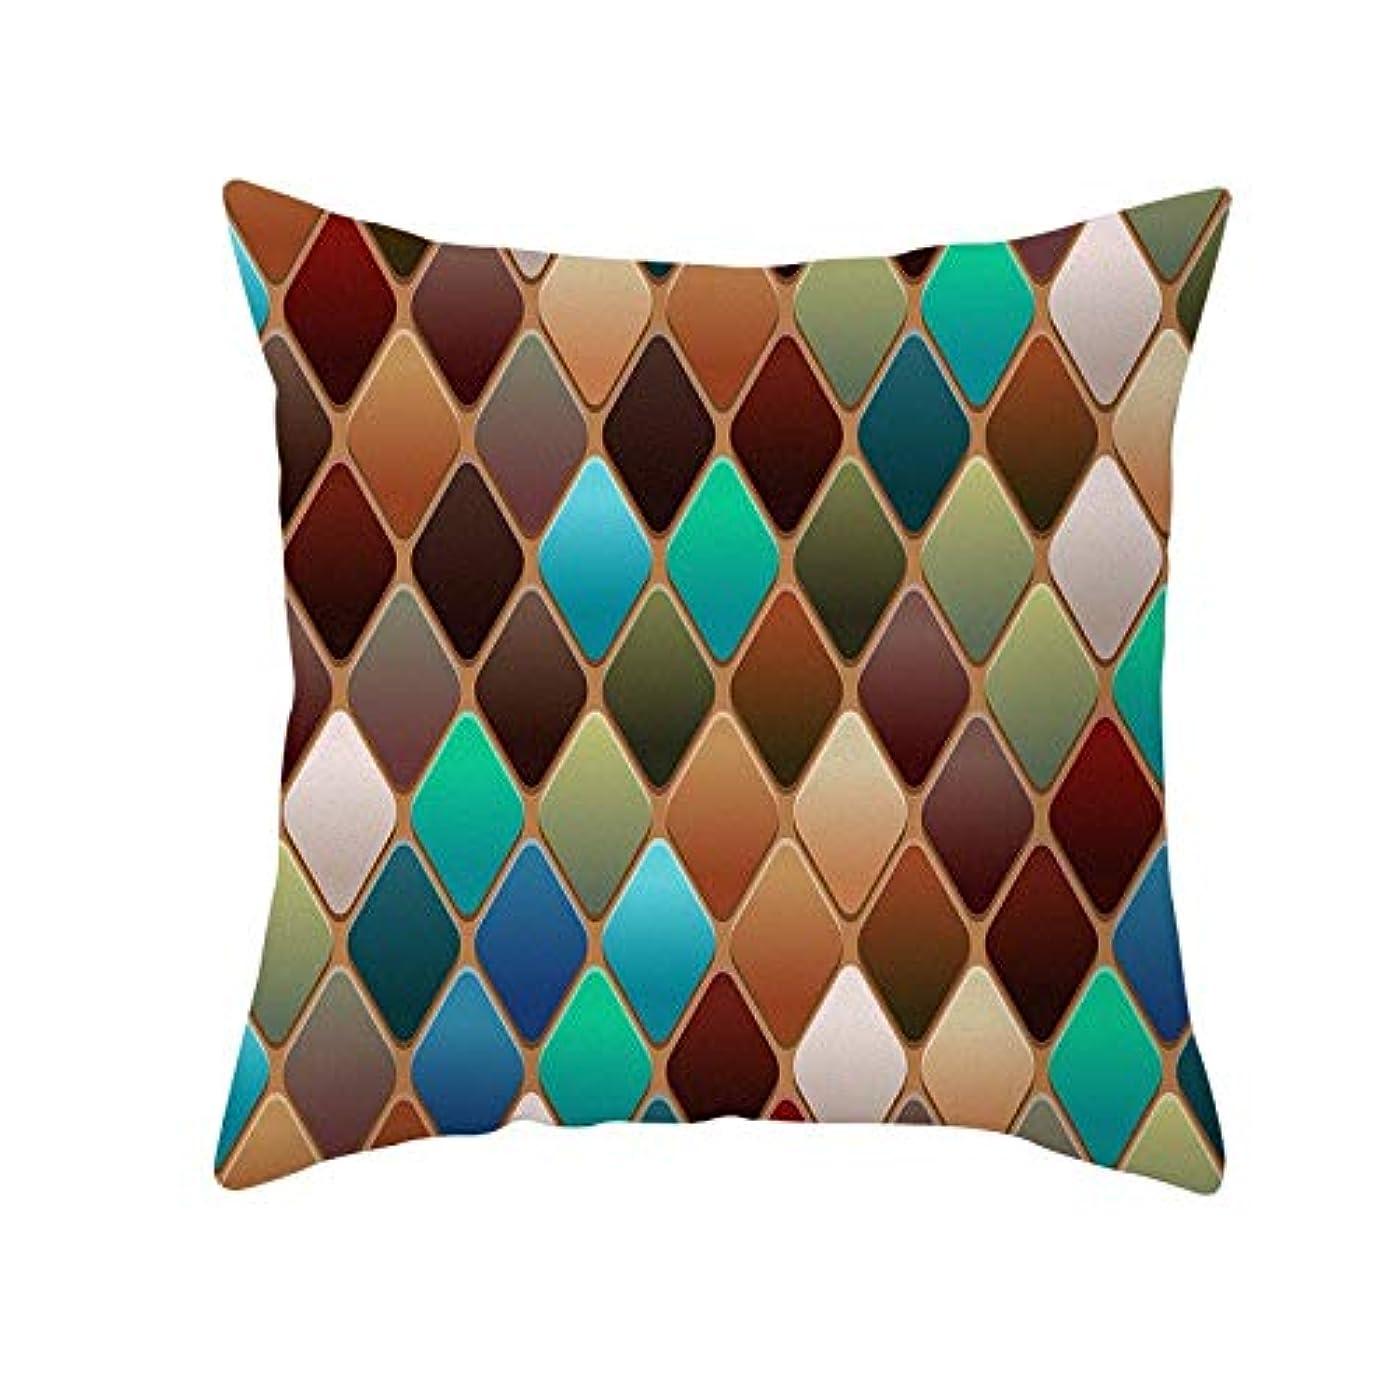 谷減らす上流のLIFE 装飾クッションソファ 幾何学プリントポリエステル正方形の枕ソファスロークッション家の装飾 coussin デ長椅子 クッション 椅子